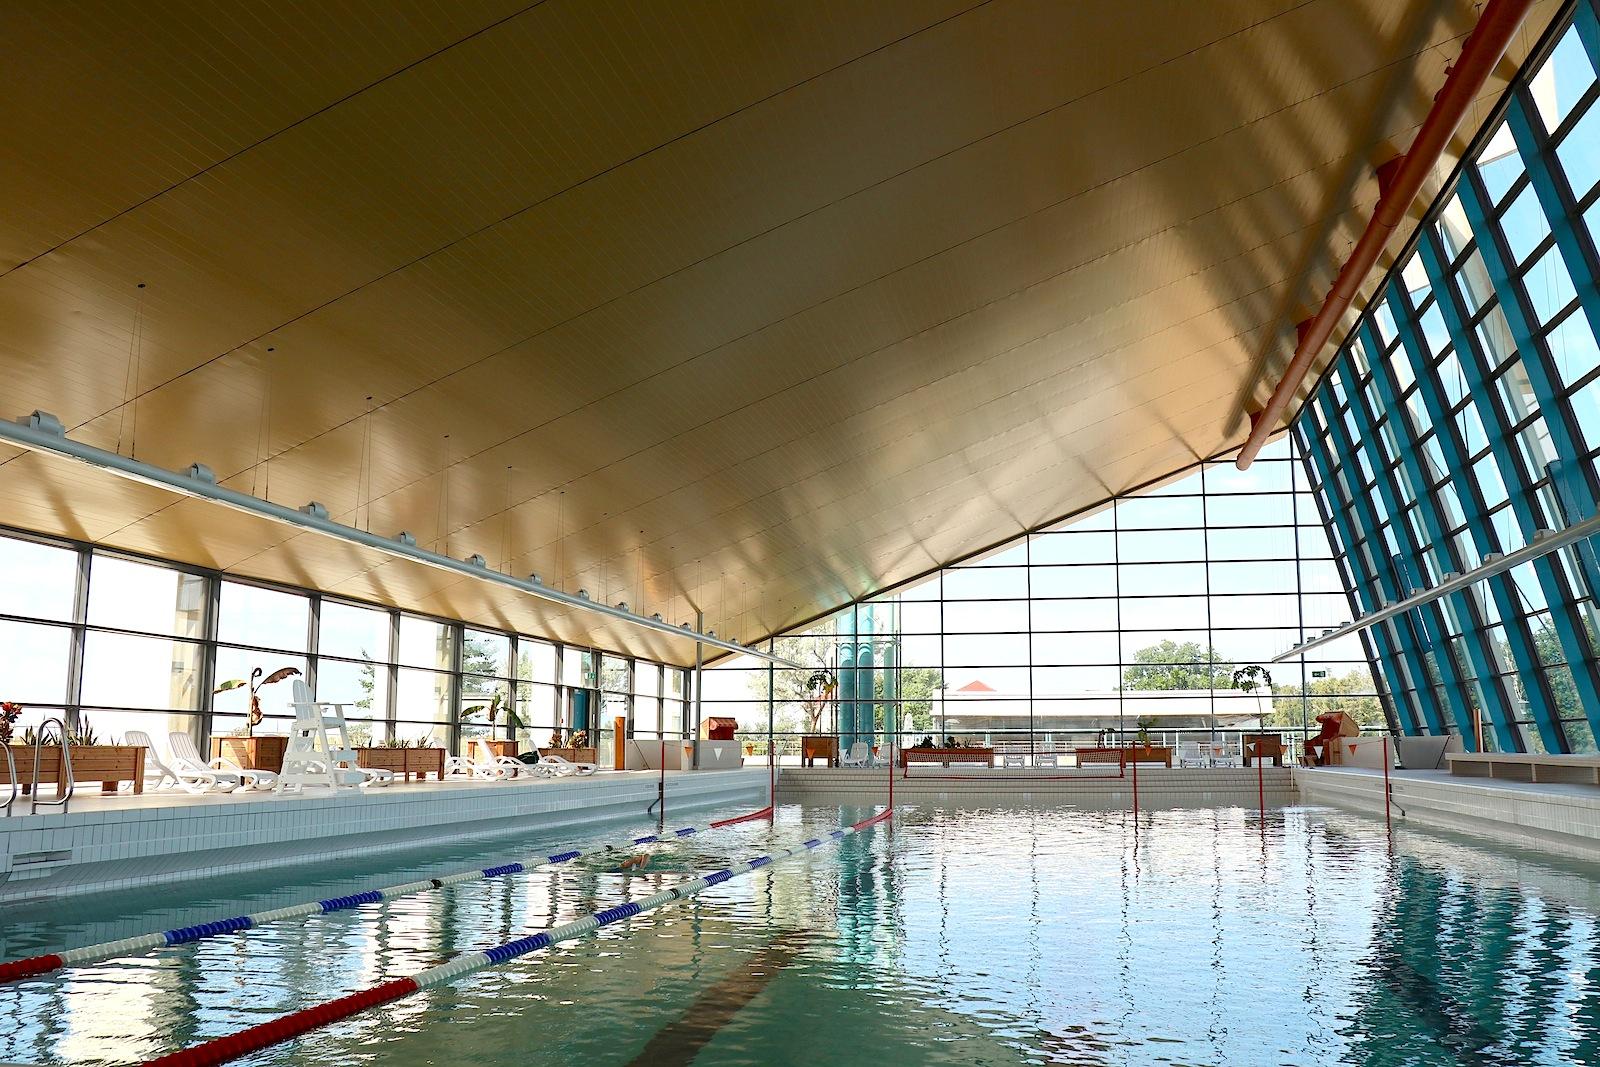 Meerwellenwasserbad. Das Ostsee-Heilbad mit dem spektakulär steil aufragenden Dach.